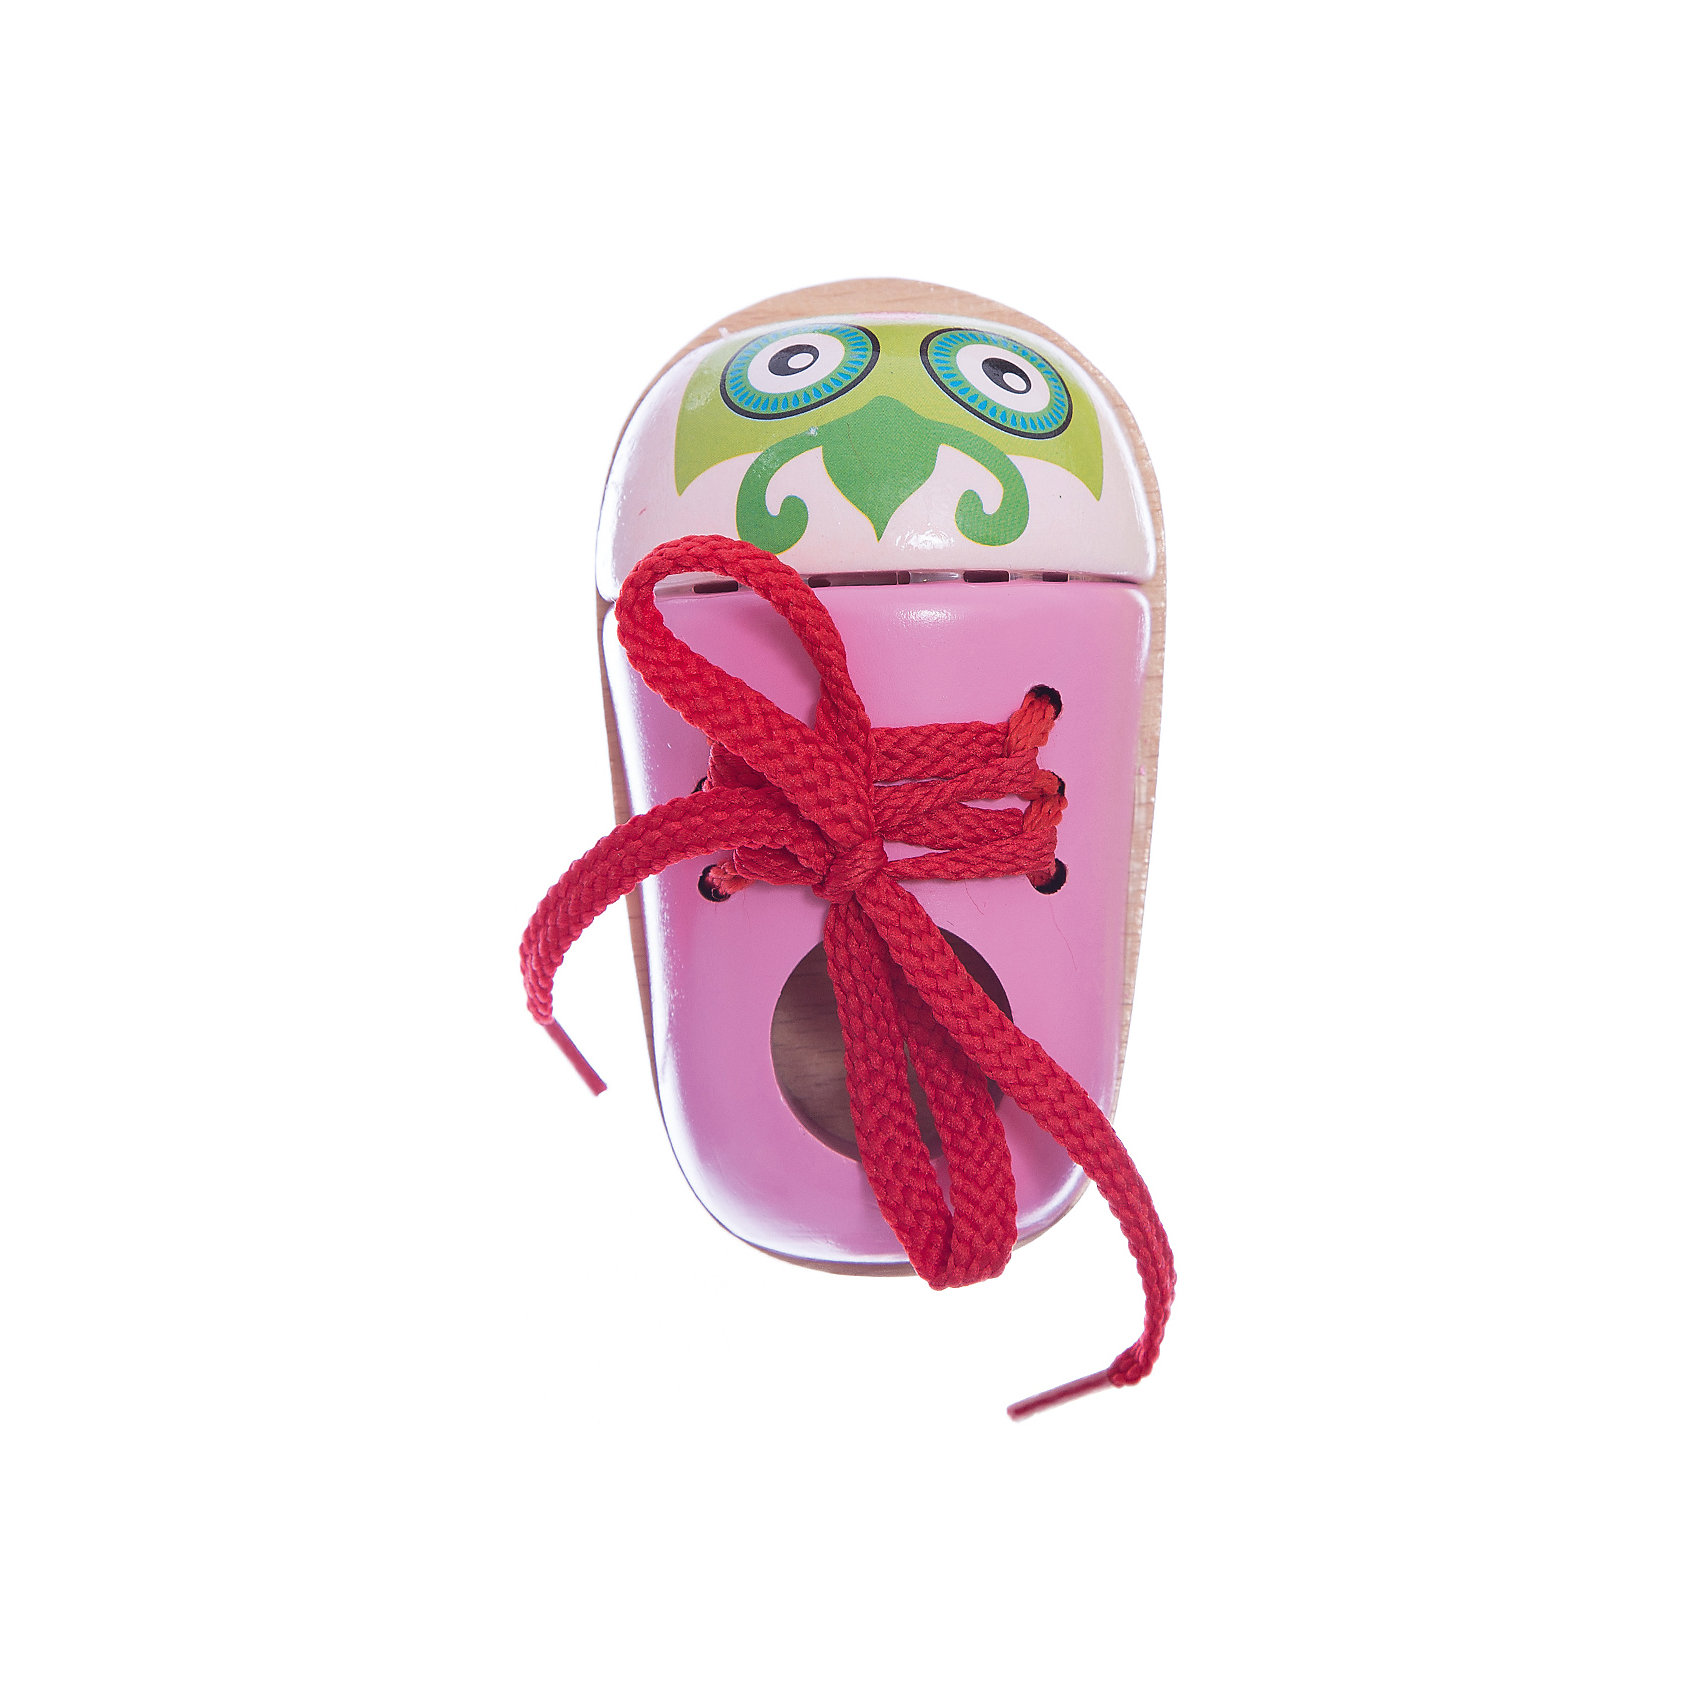 Шнуровка Ботиночек Совушка, MapachaРазвивающие игрушки<br>Шнуровки – вид развивающих игрушек, которые обучают ребенка практическим навыкам. Шнуровка научит обращаться со шнурками, завязывать узелки и бантики. Красивый дизайн игрушки, интересный рисунок, экологический материал, яркие цвета и стильный дизайн сделают модель любимой вещицей у малыша. Игрушка тренирует мелкую моторику, аккуратность, а так же тренирует логику и воображение. Материалы, использованные при изготовлении товара, абсолютно безопасны и отвечают всем международным требованиям по качеству.<br><br>Дополнительные характеристики:<br><br>материал: натуральное дерево, текстиль;<br>цвет: разноцветный;<br>габариты: 10 X 4 X 19 см.<br><br>Шнуровку Ботиночек Совушка от компании Mapacha можно приобрести в нашем магазине.<br><br>Ширина мм: 430<br>Глубина мм: 430<br>Высота мм: 245<br>Вес г: 109<br>Возраст от месяцев: 36<br>Возраст до месяцев: 84<br>Пол: Унисекс<br>Возраст: Детский<br>SKU: 5032501